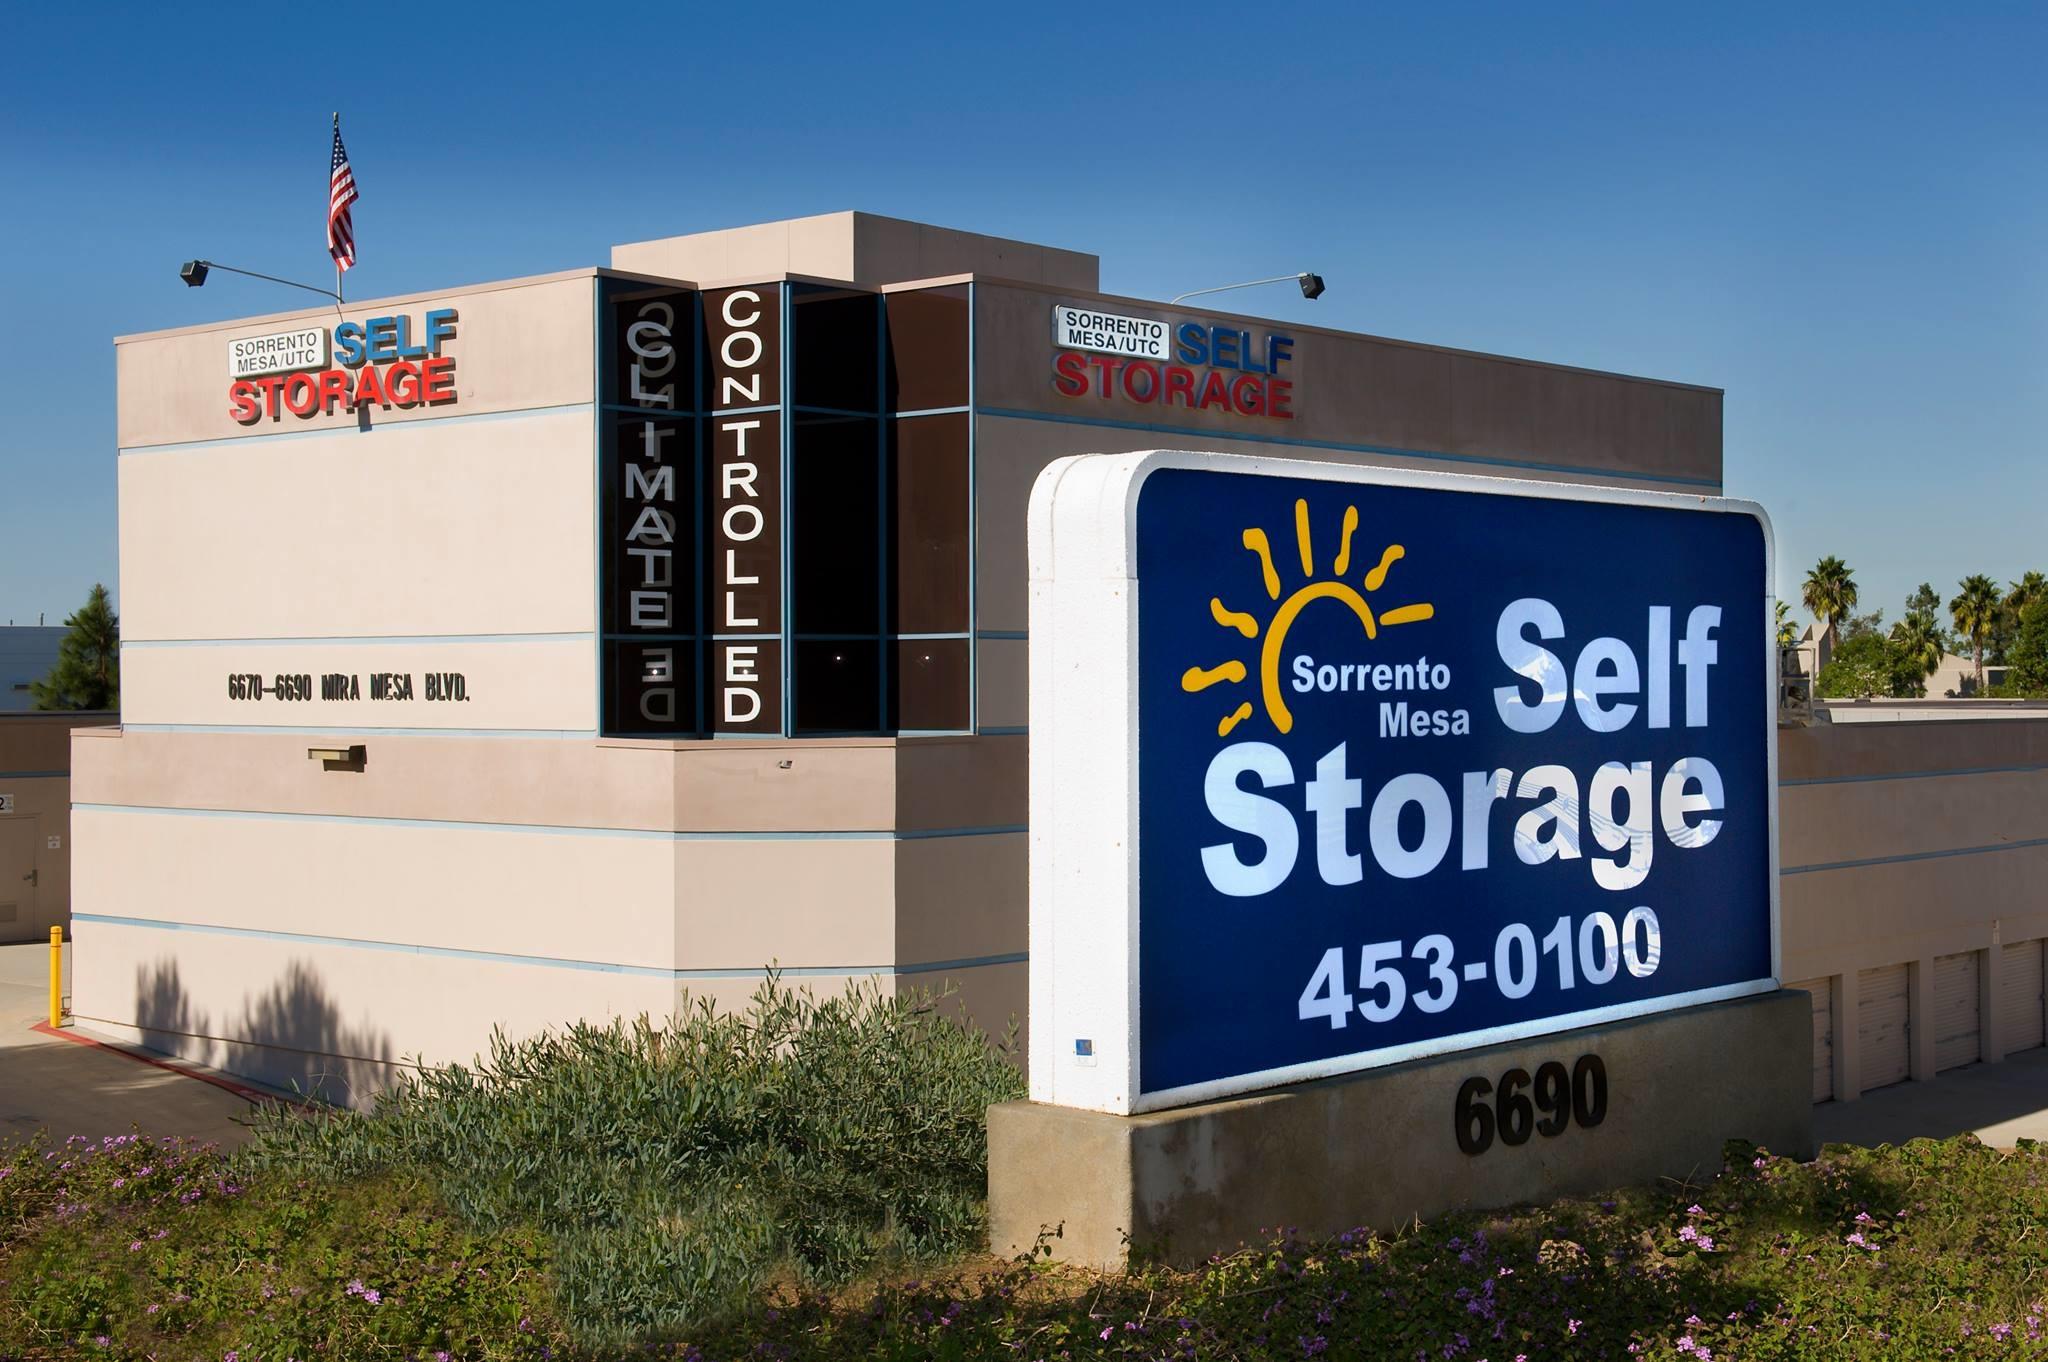 Sorrento Mesa Self Storage San Diego